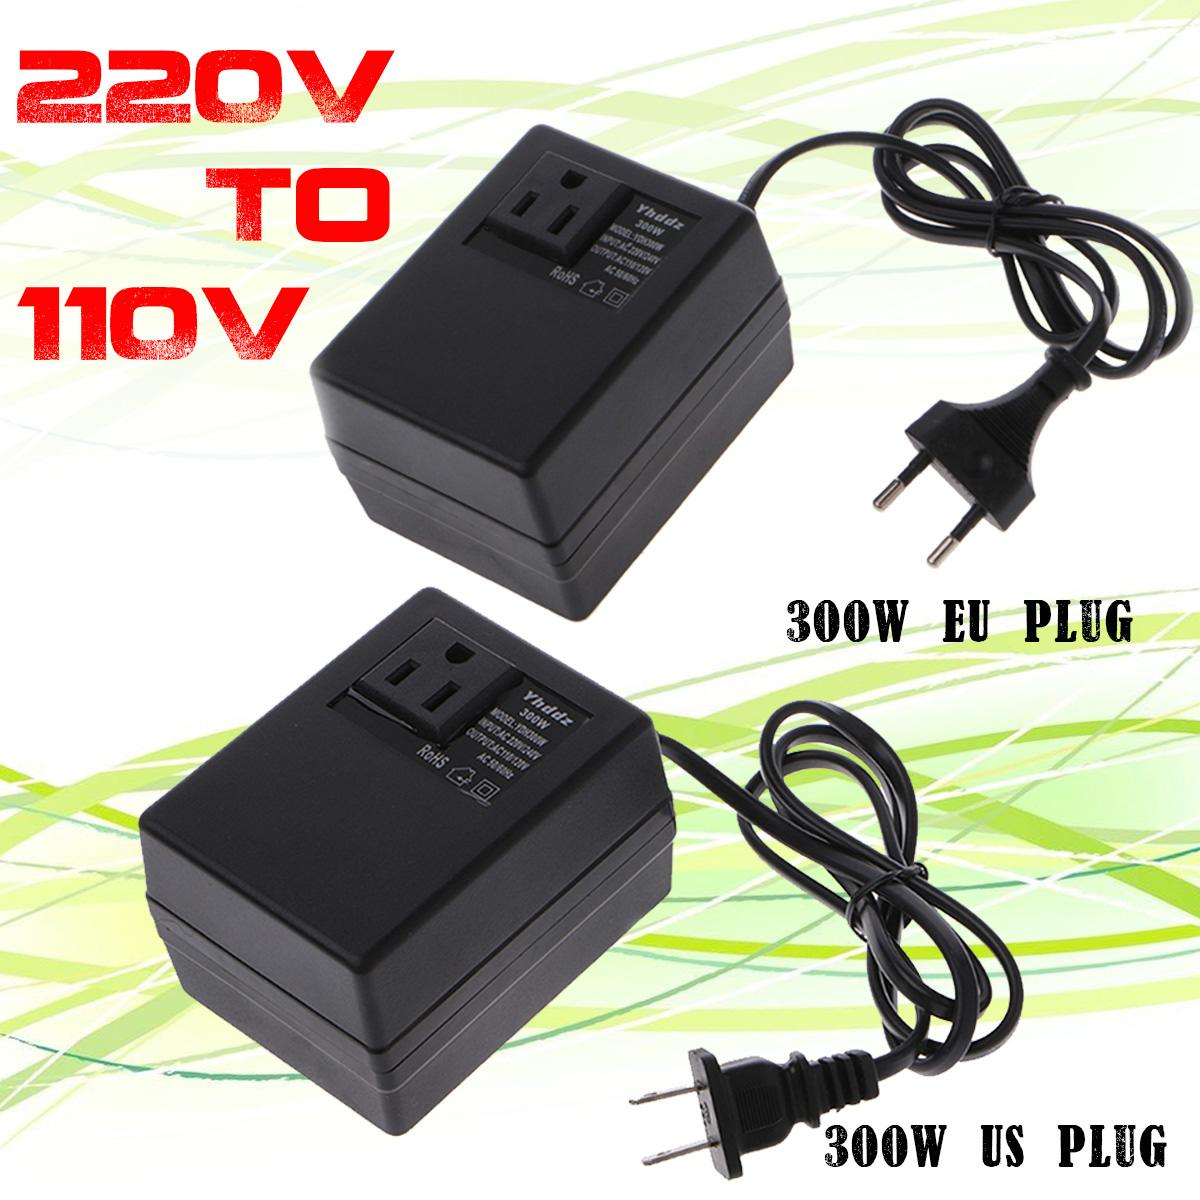 Новый 300 Вт преобразователь напряжения трансформатор понижающий 220 В до 110 В переменного тока понижающий трансформатор для путешествий прео...